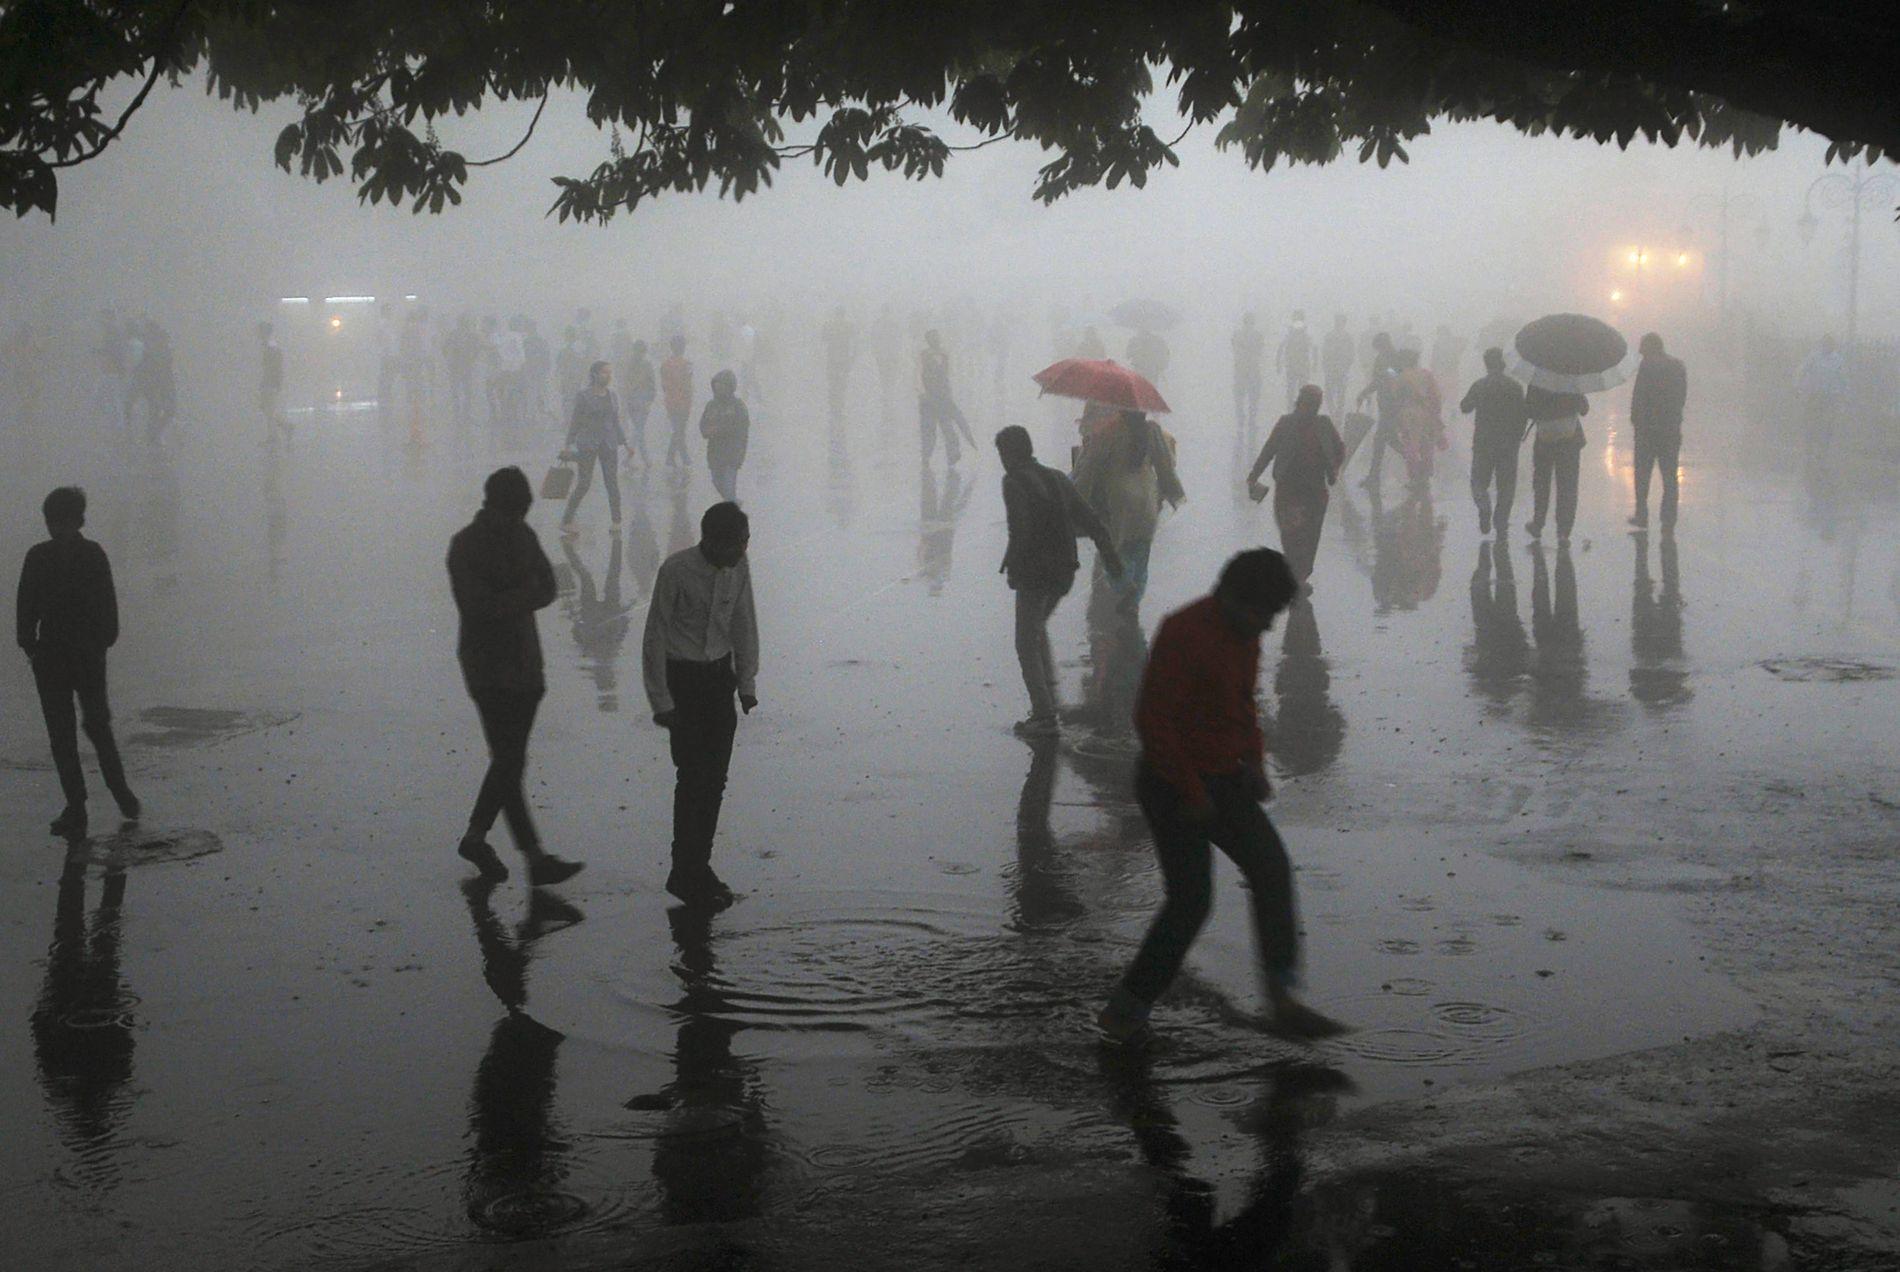 UVÆR: Det regnet i fryktelige mengder i India 2.mai. Her fra Himachal Pradesh, hvor folk beveger seg i områder med mye regn og vann.